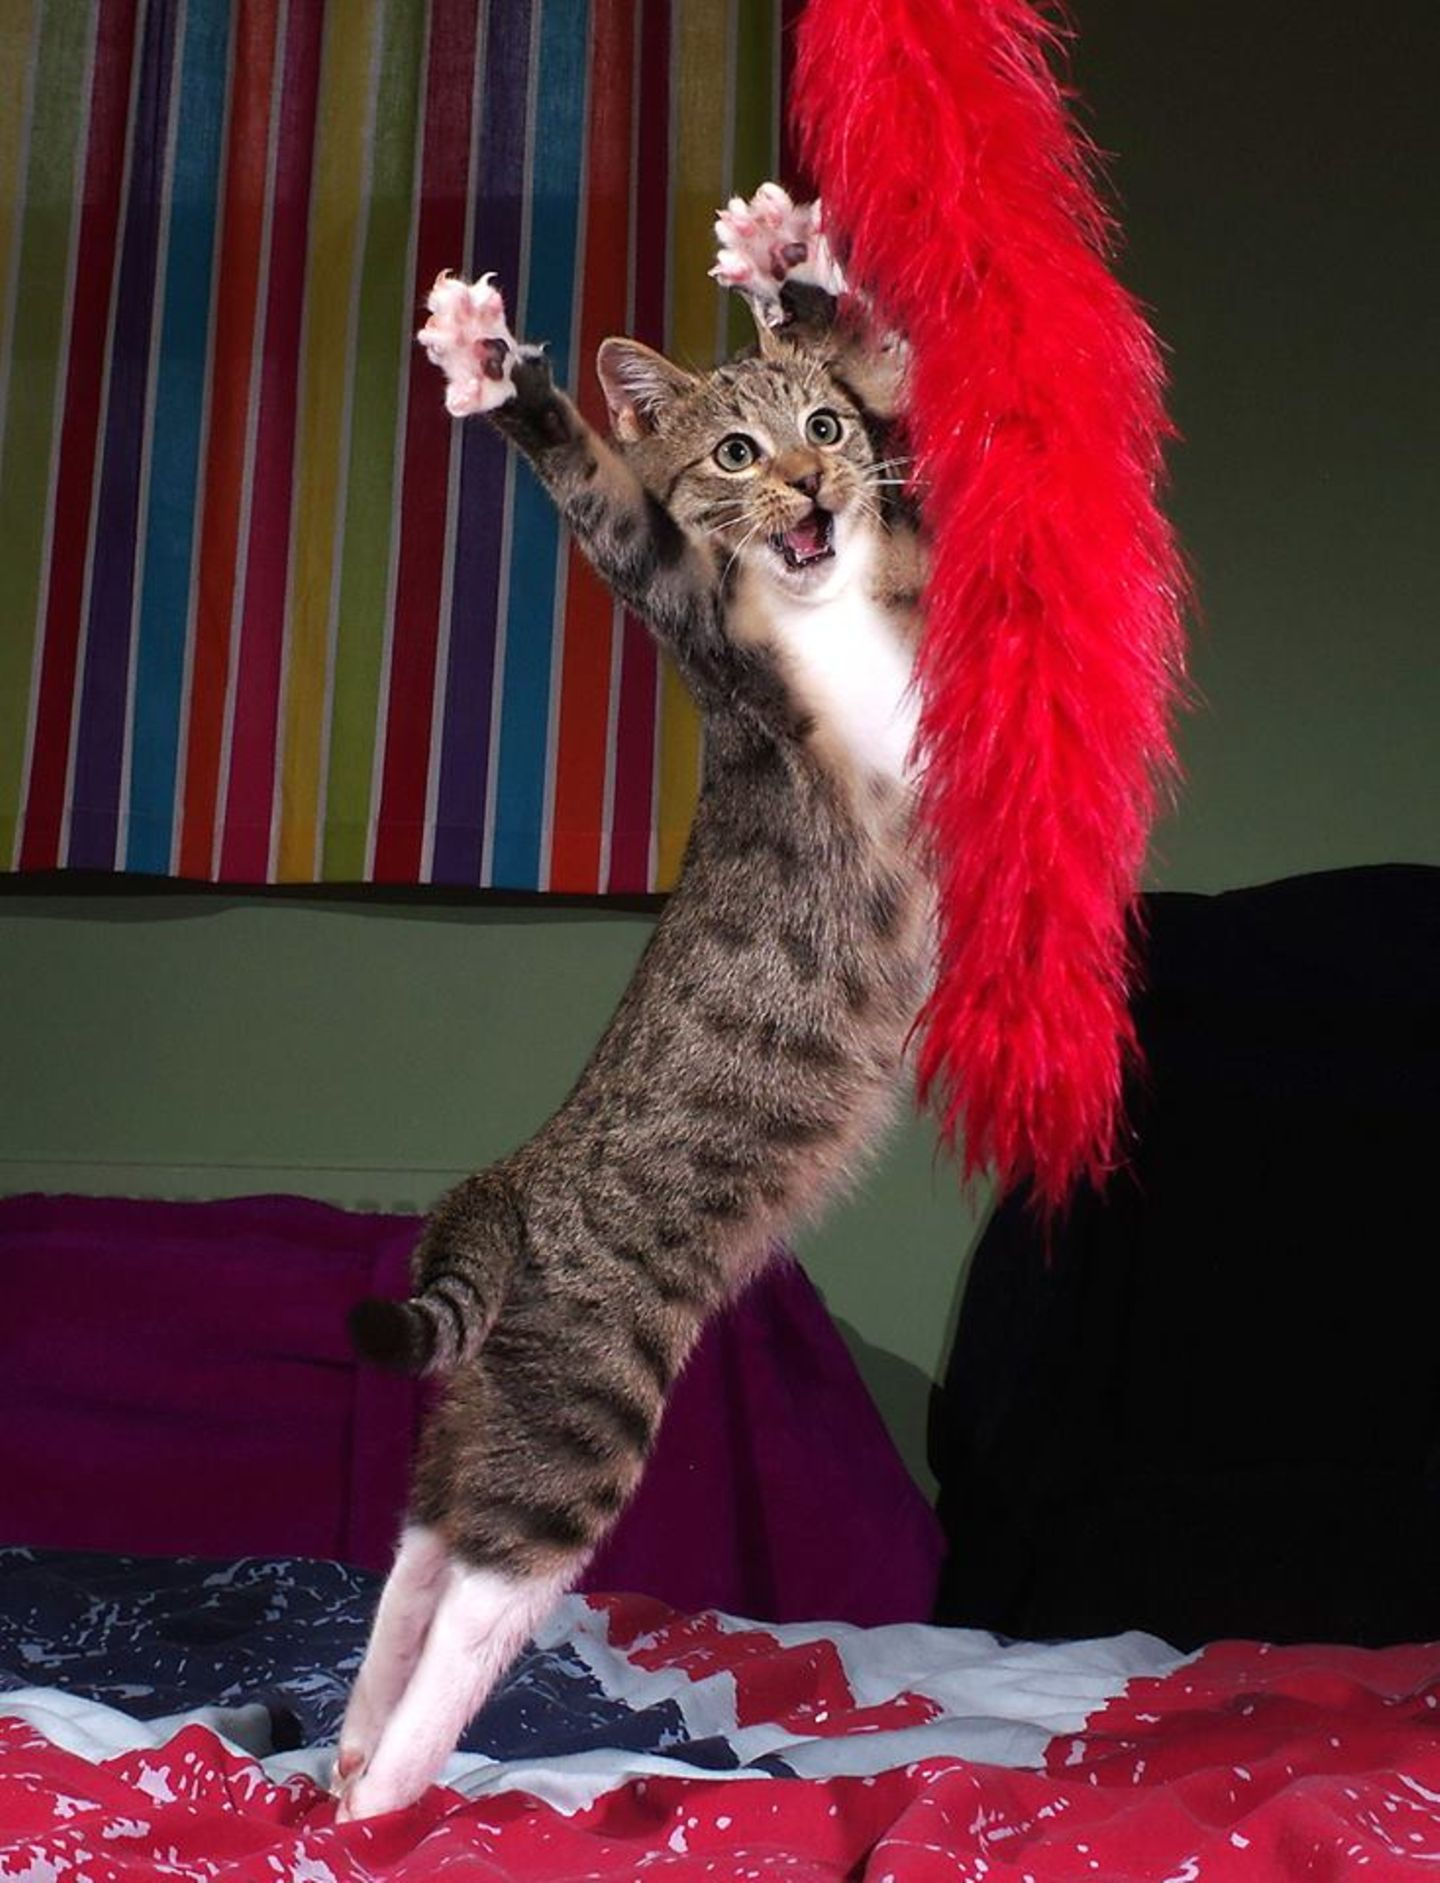 Haustier Fotowettbewerb: Katze springt